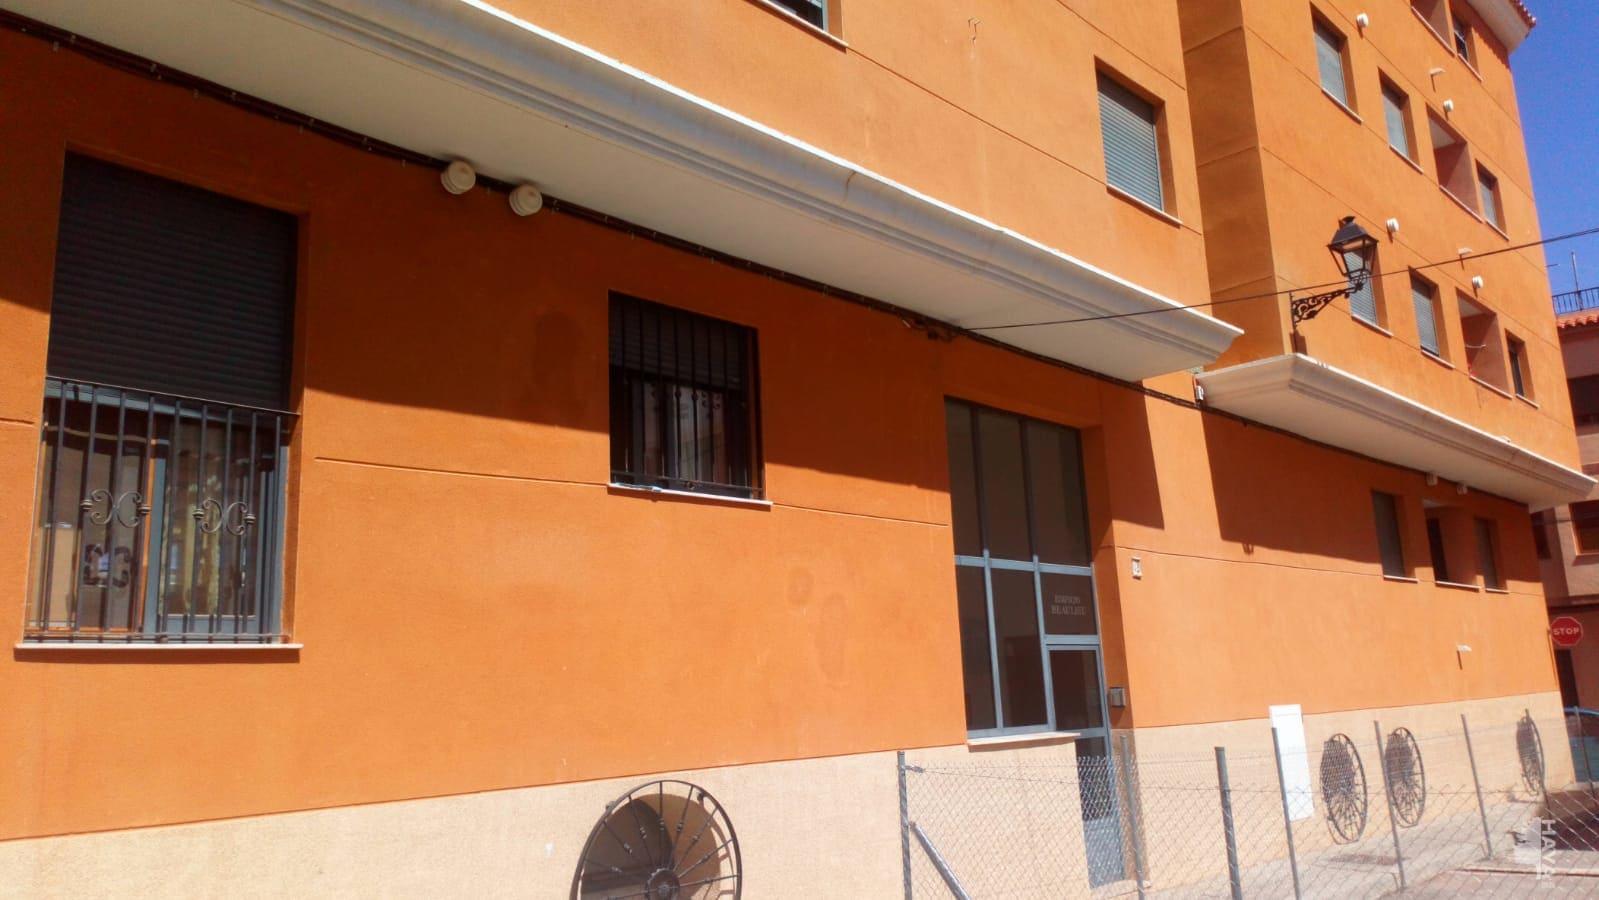 Piso en venta en Tales, Castellón, Calle Beaulieu, 60.394 €, 2 habitaciones, 1 baño, 71 m2